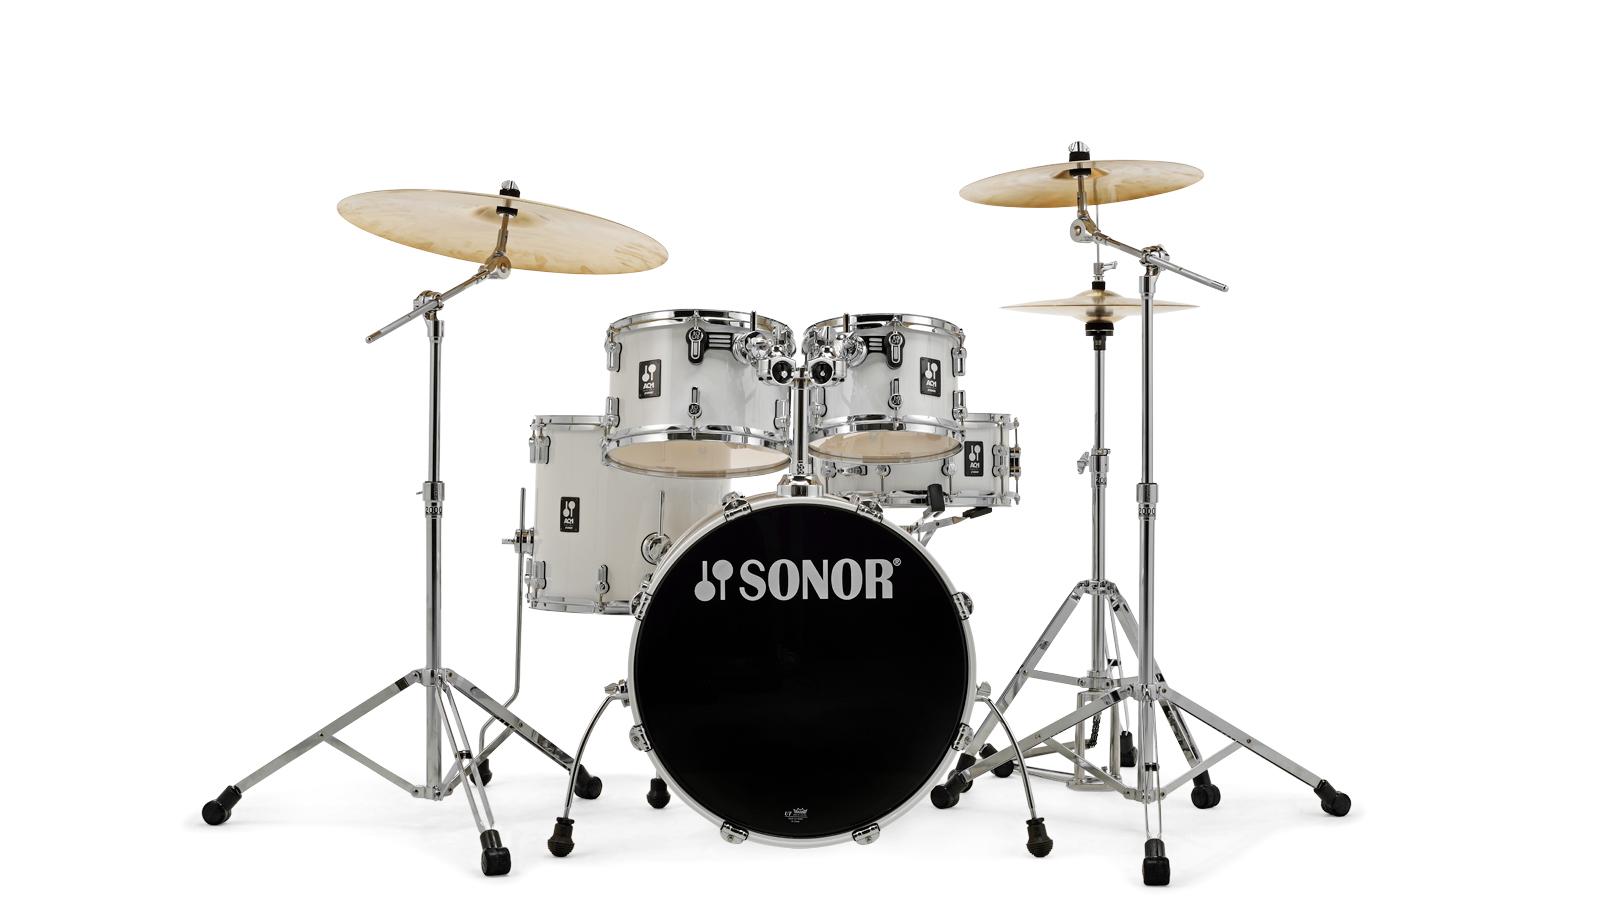 Sonor AQ1 Studio Set PW